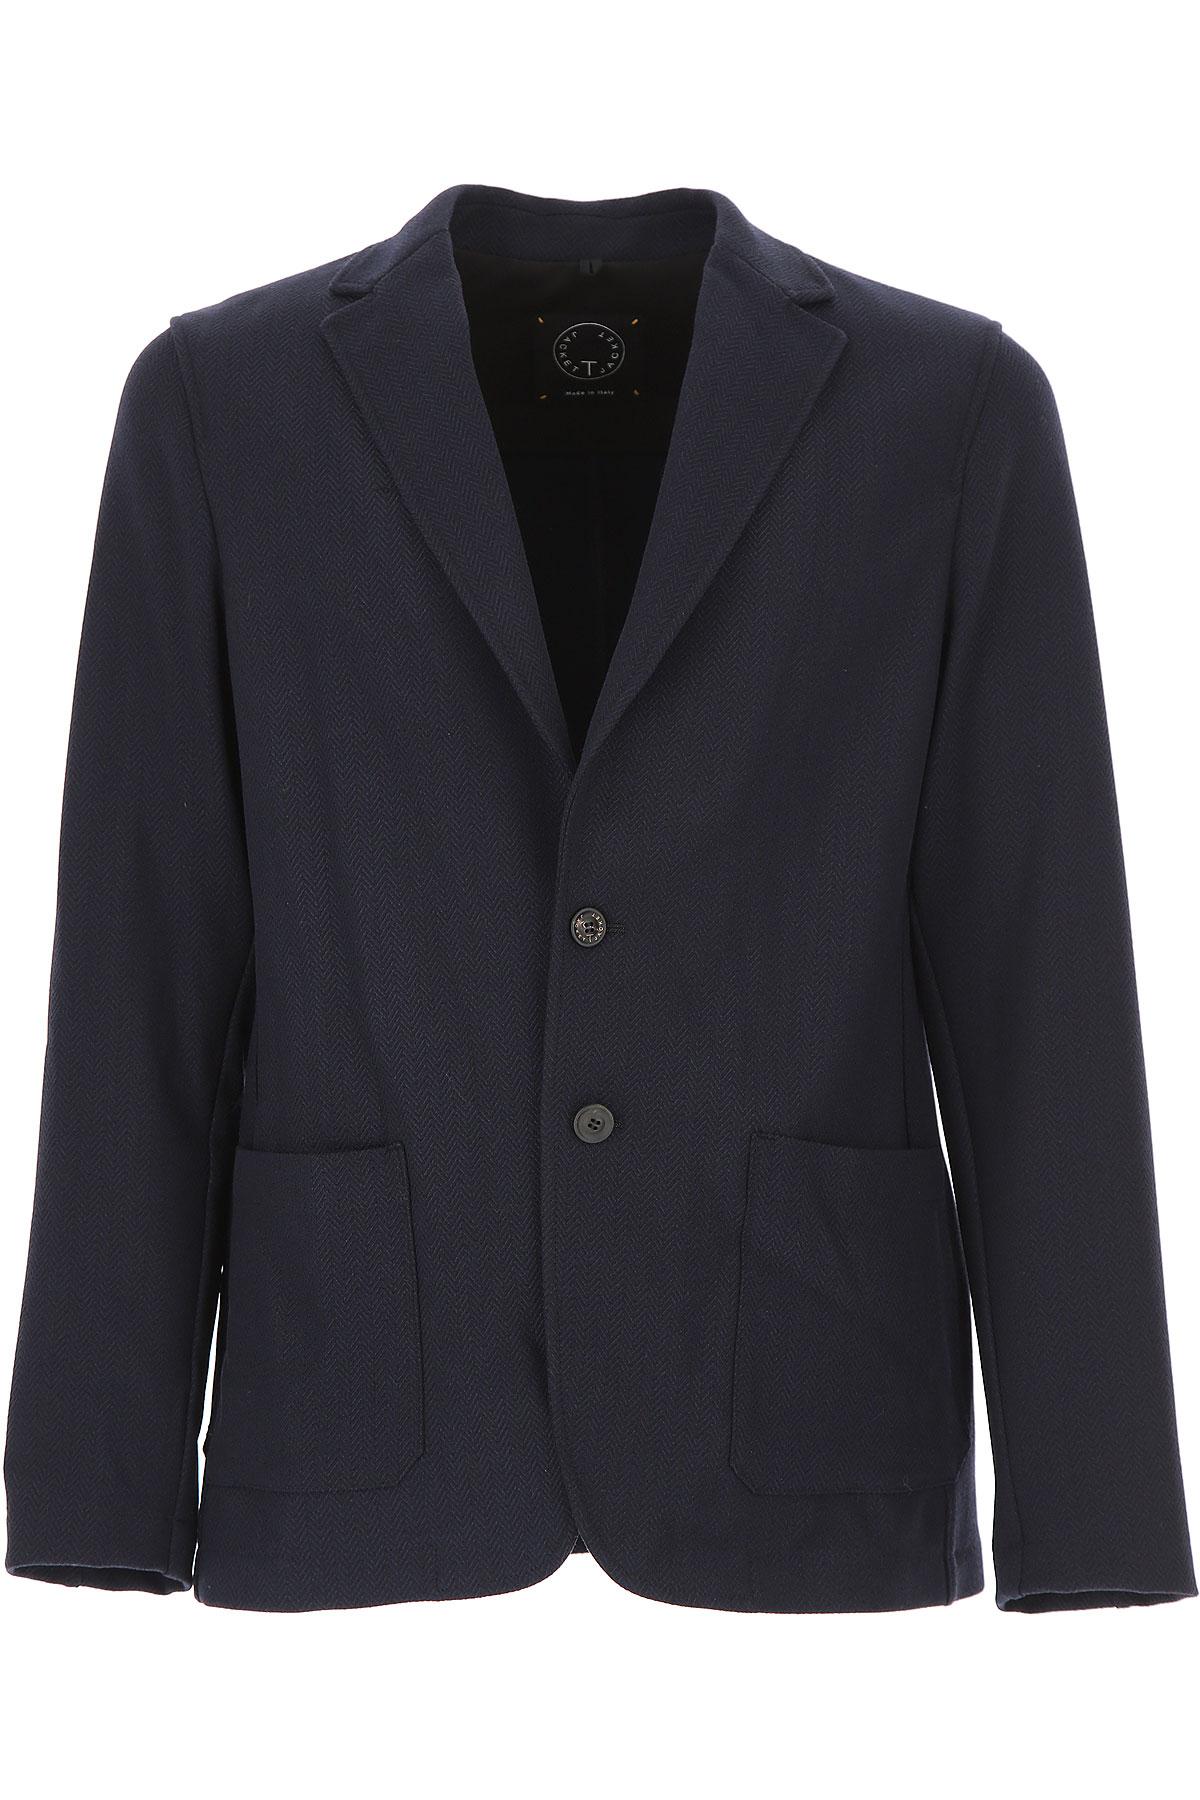 Image of T-Jacket Blazer for Men, Sport Coat, Blue, polyester, 2017, M XL